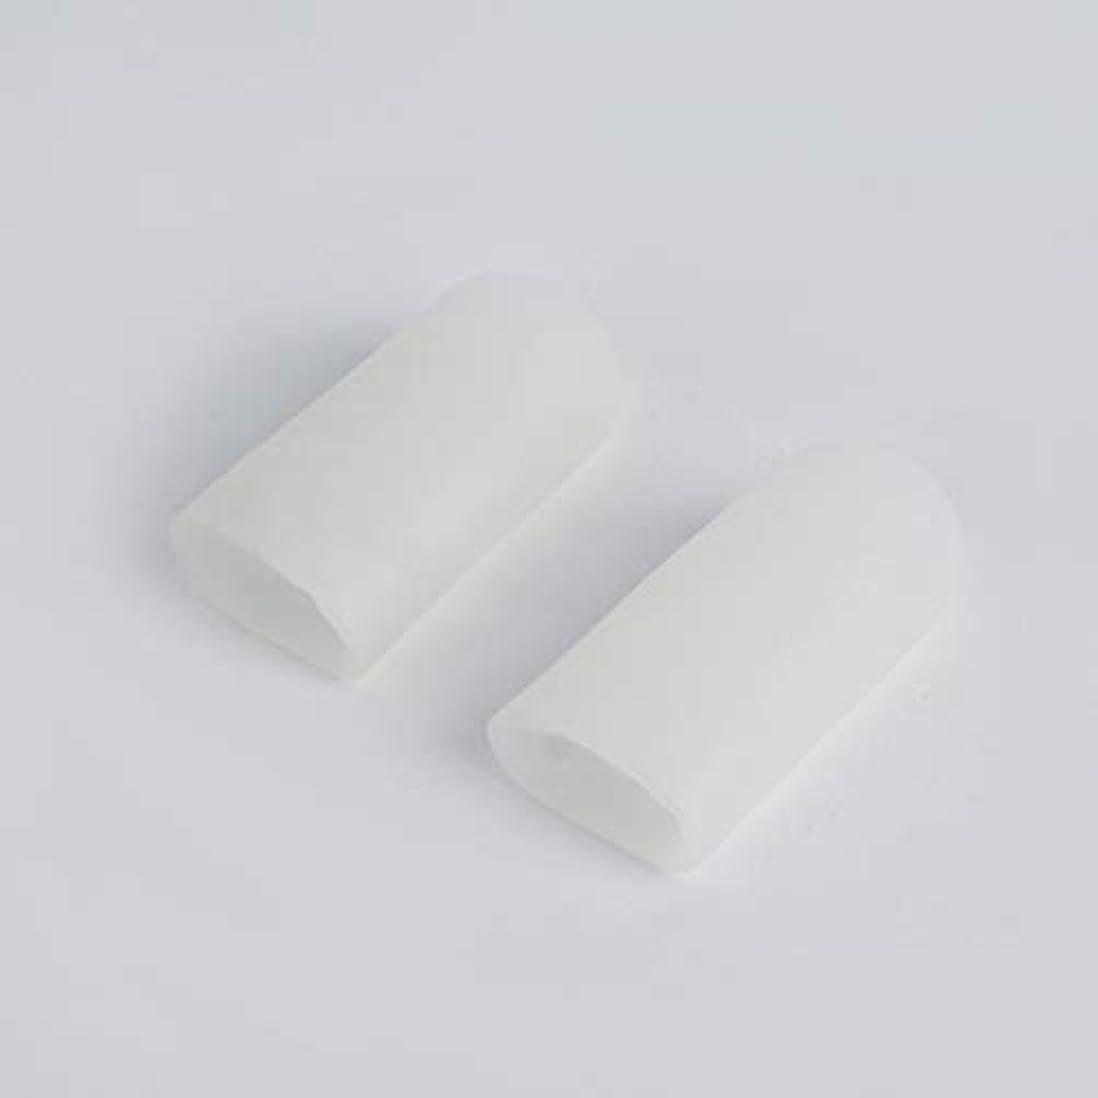 素子ふける圧縮するOpen Toe Tubes Gel Lined Fabric Sleeve Protectors To Prevent Corns, Calluses And Blisters While Softening And...